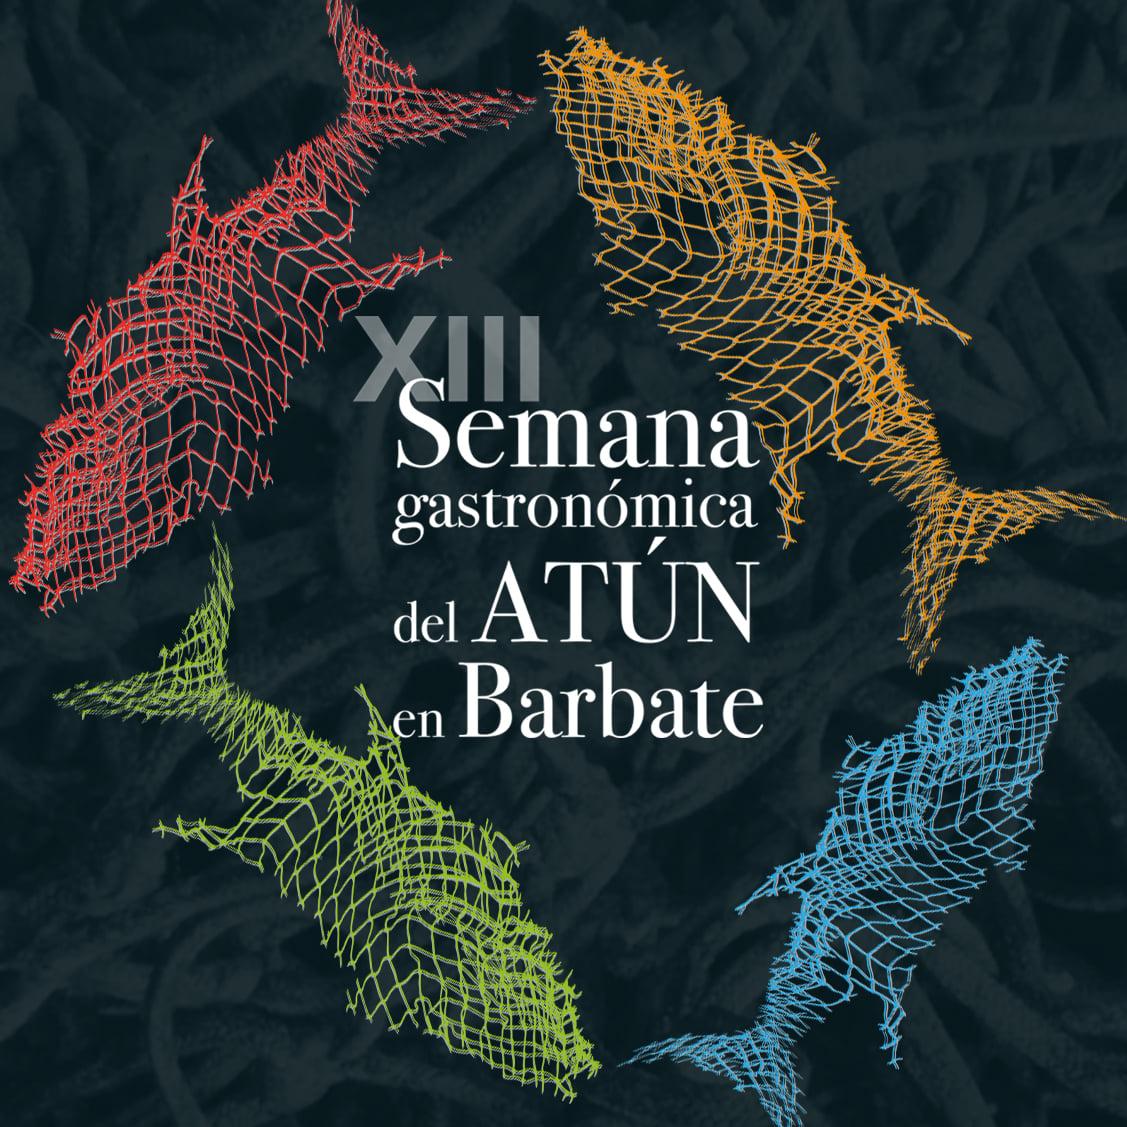 XIII Semana Gastronómica del Atún de Barbate 2021